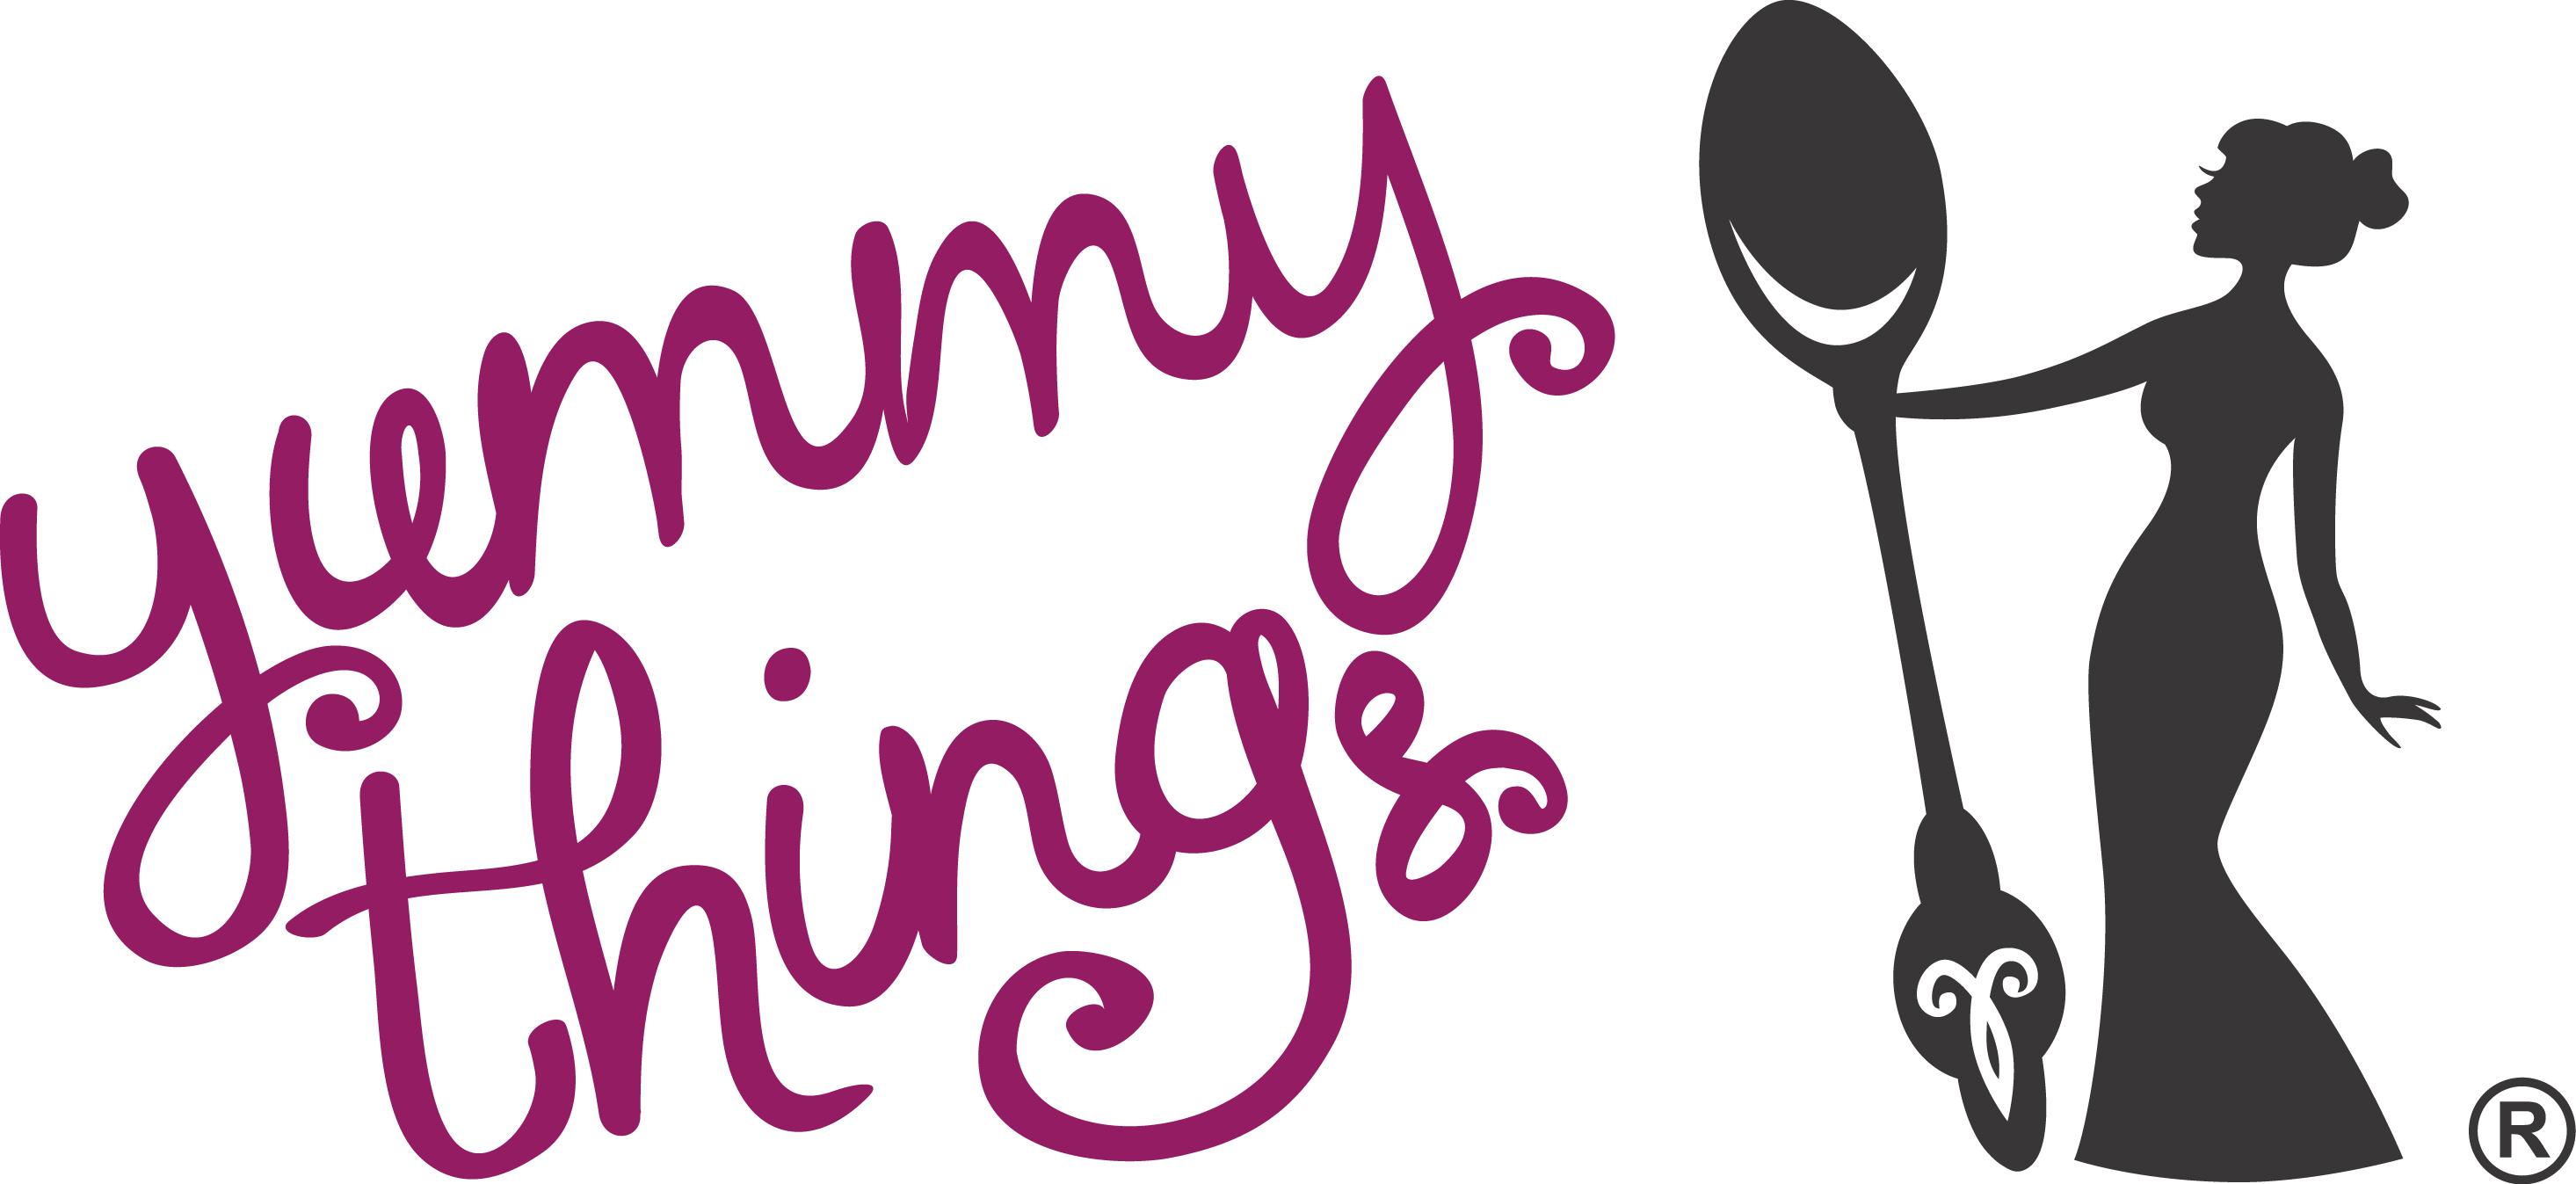 Yummy Things Home - Yummy Things